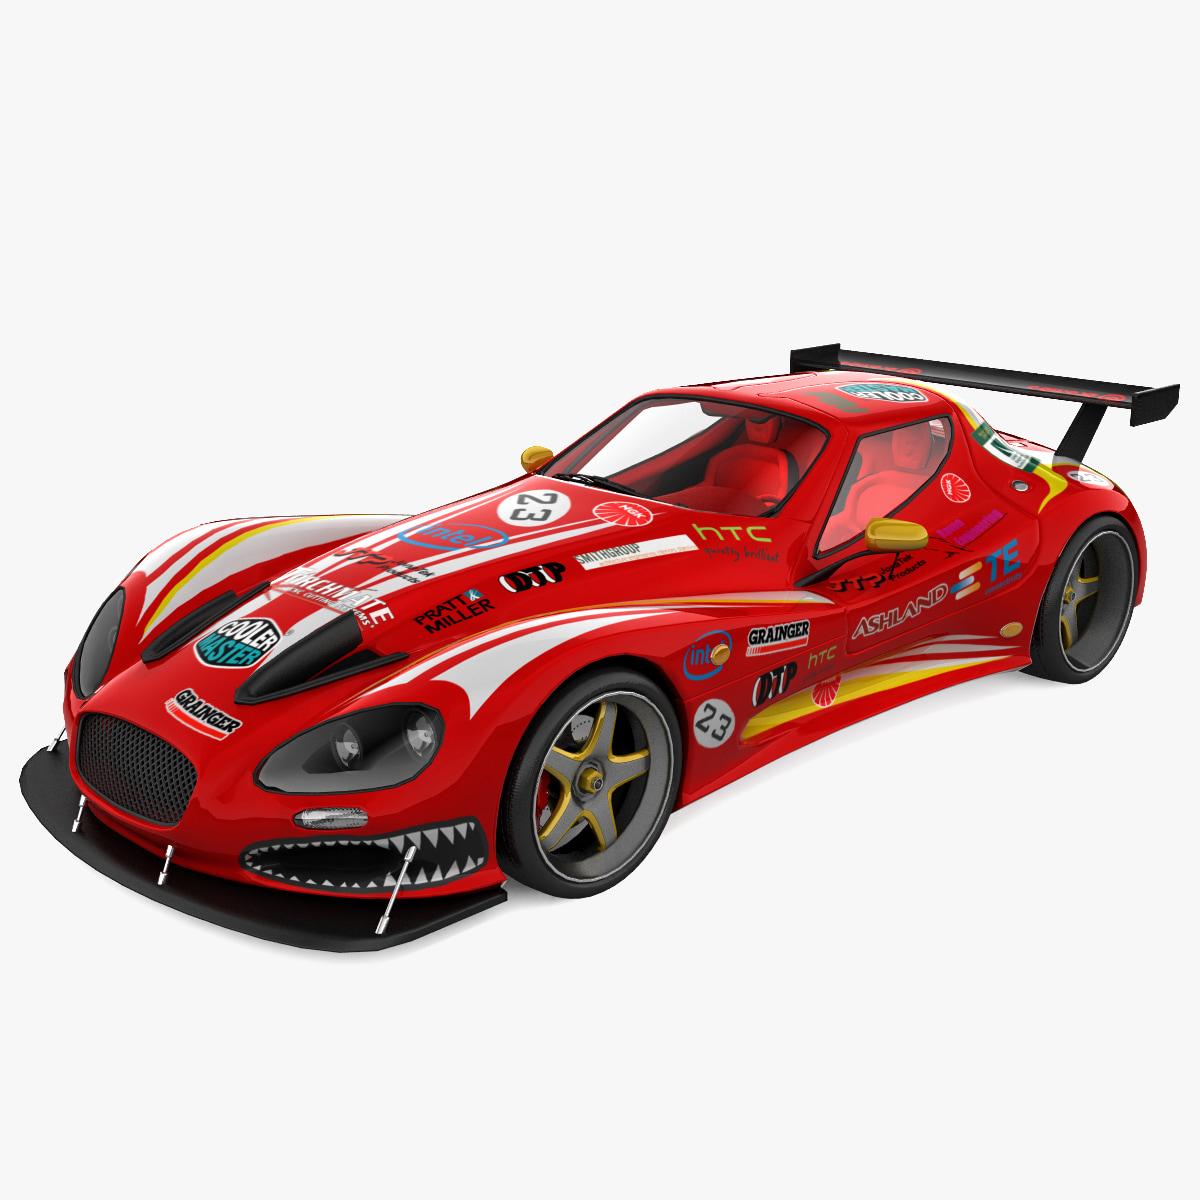 Race_Car_Gillet_Vertigo_00.jpg